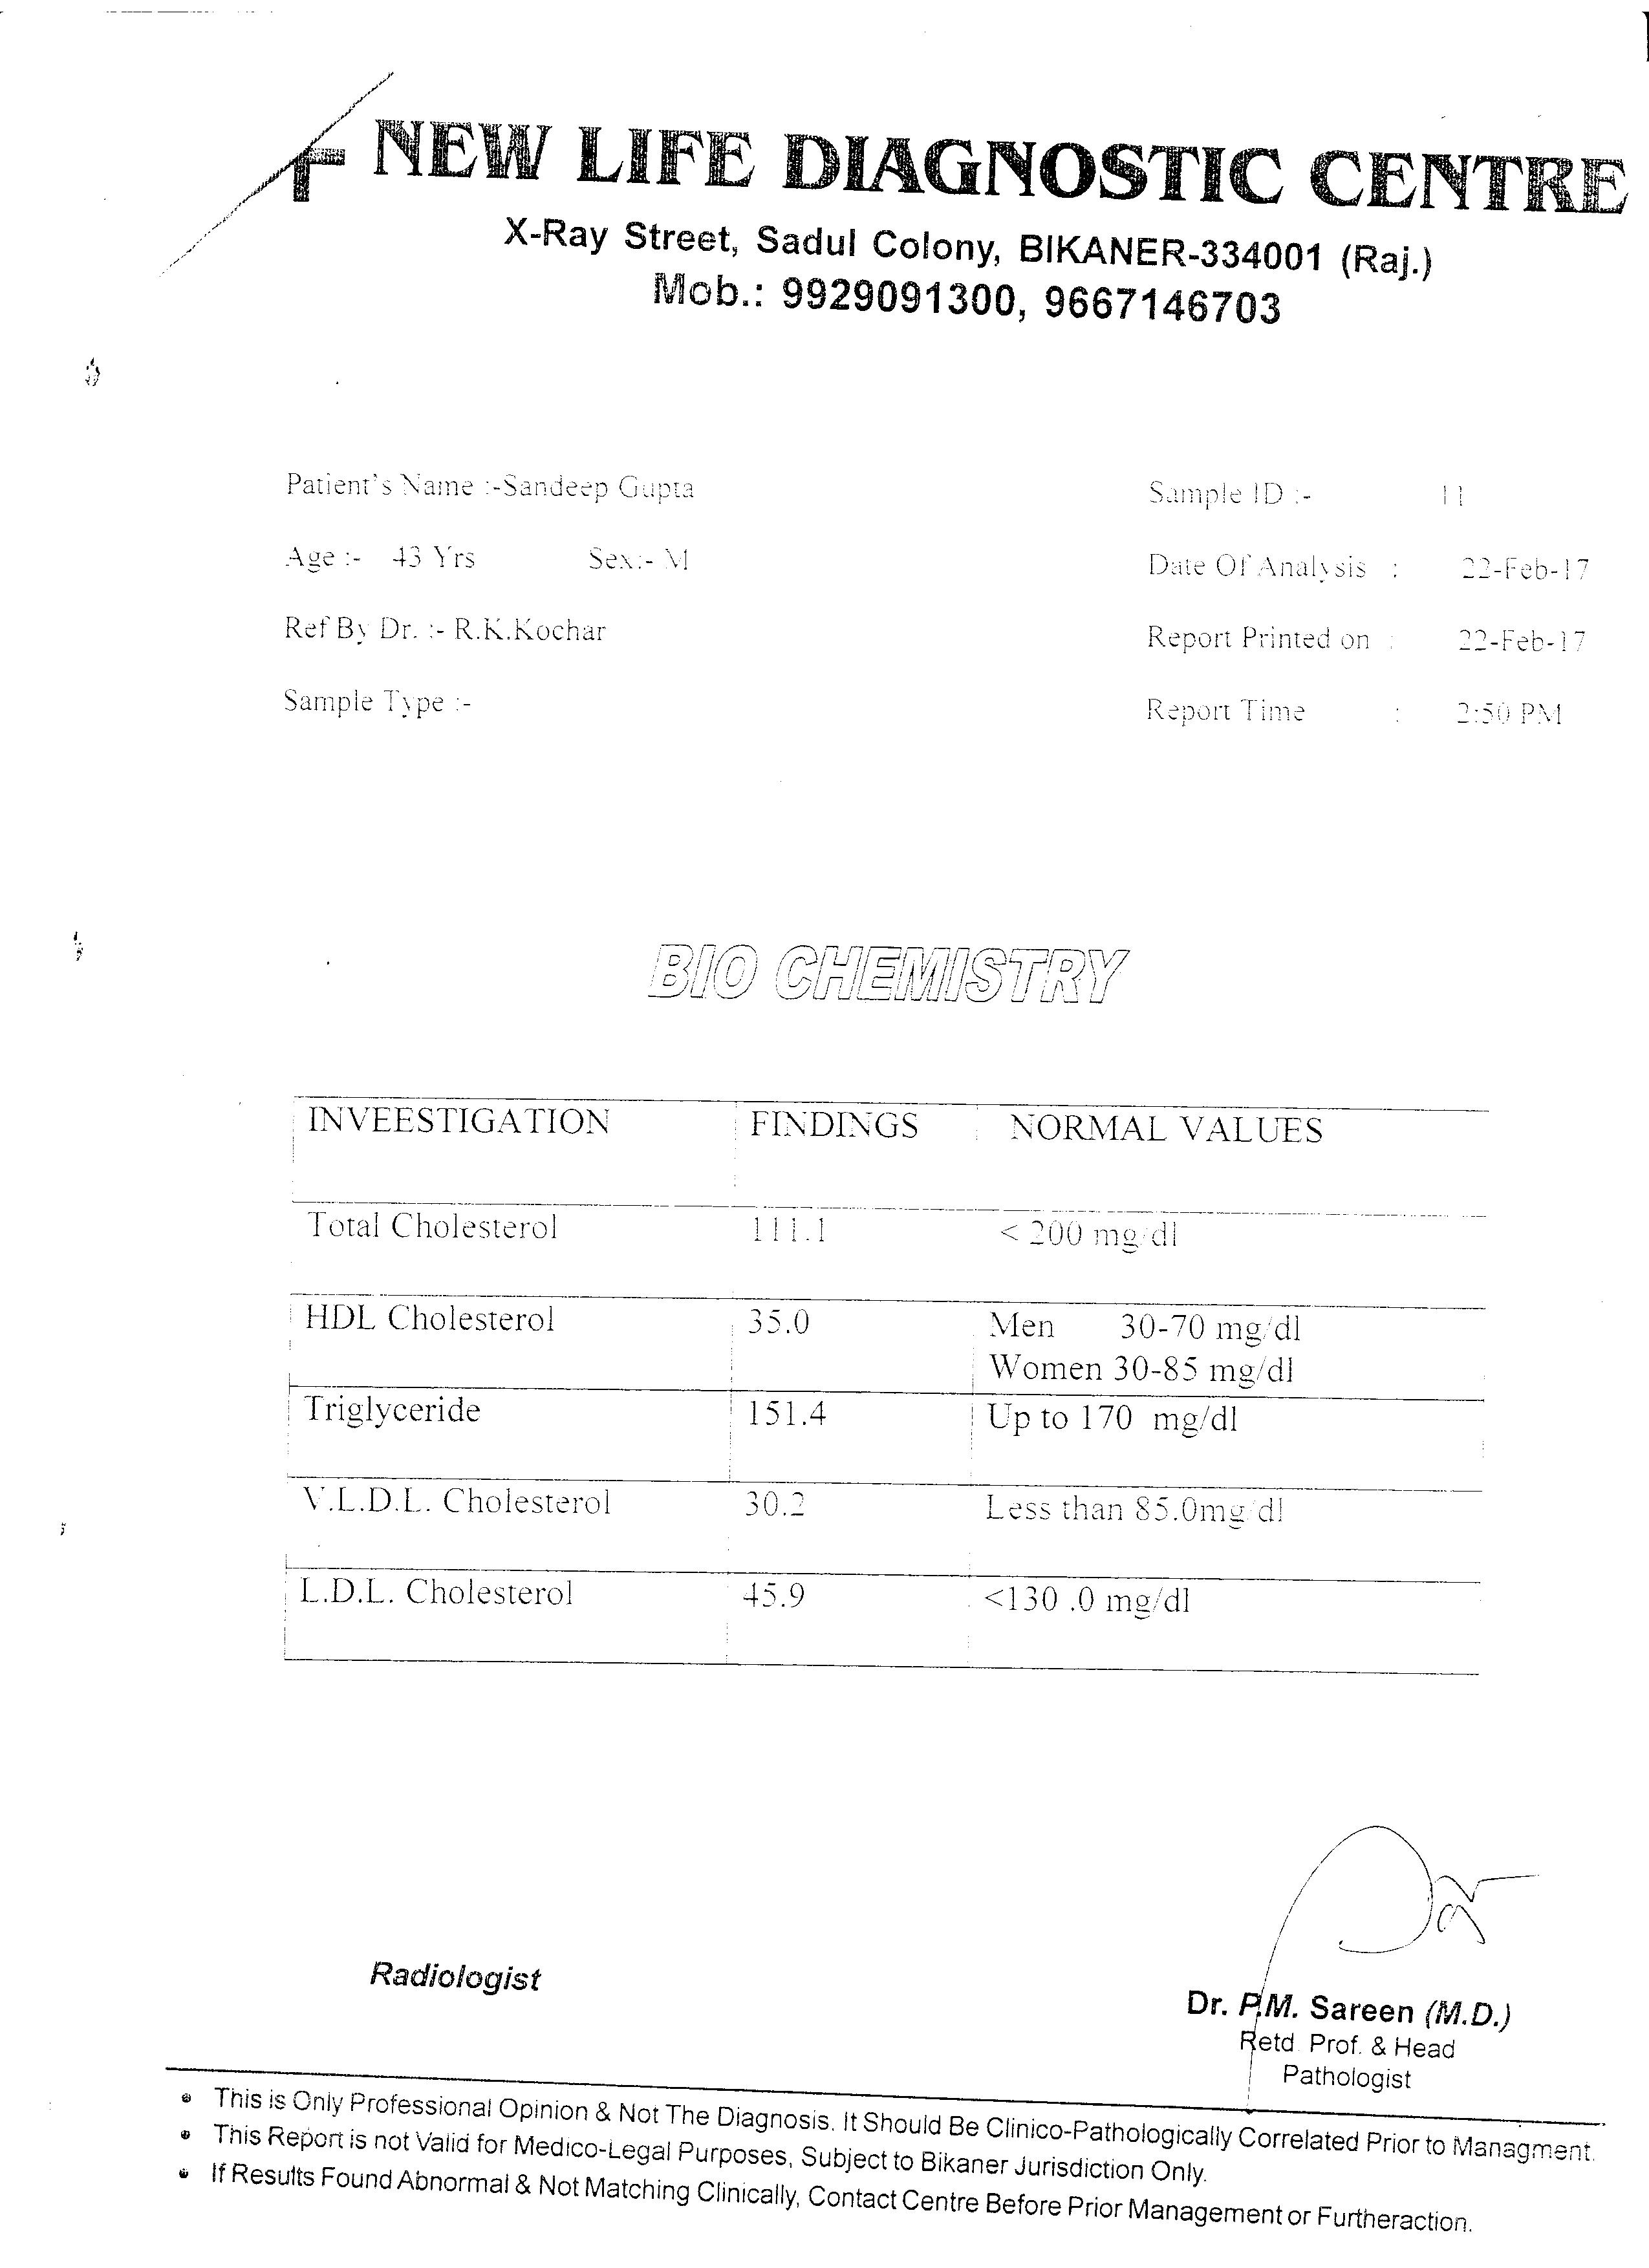 SANDEEP-GUPTA-43yrs-Kidney-Failure-Treatment-8